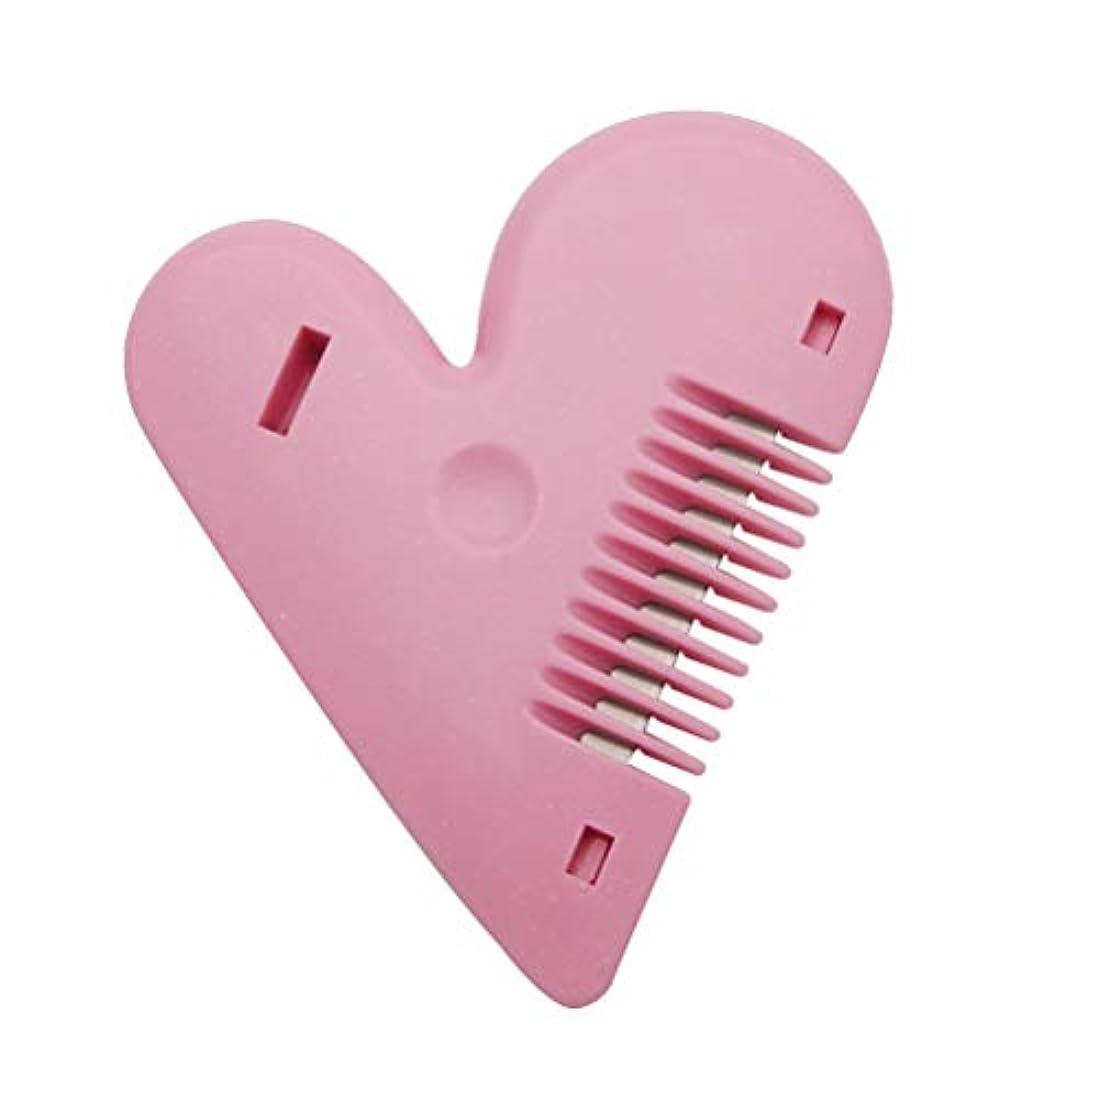 ぬいぐるみ境界説得Lurrose 両面間伐櫛ハート型ヘアカットハサミプラスチックトリマーカミソリ髪用(ピンク)